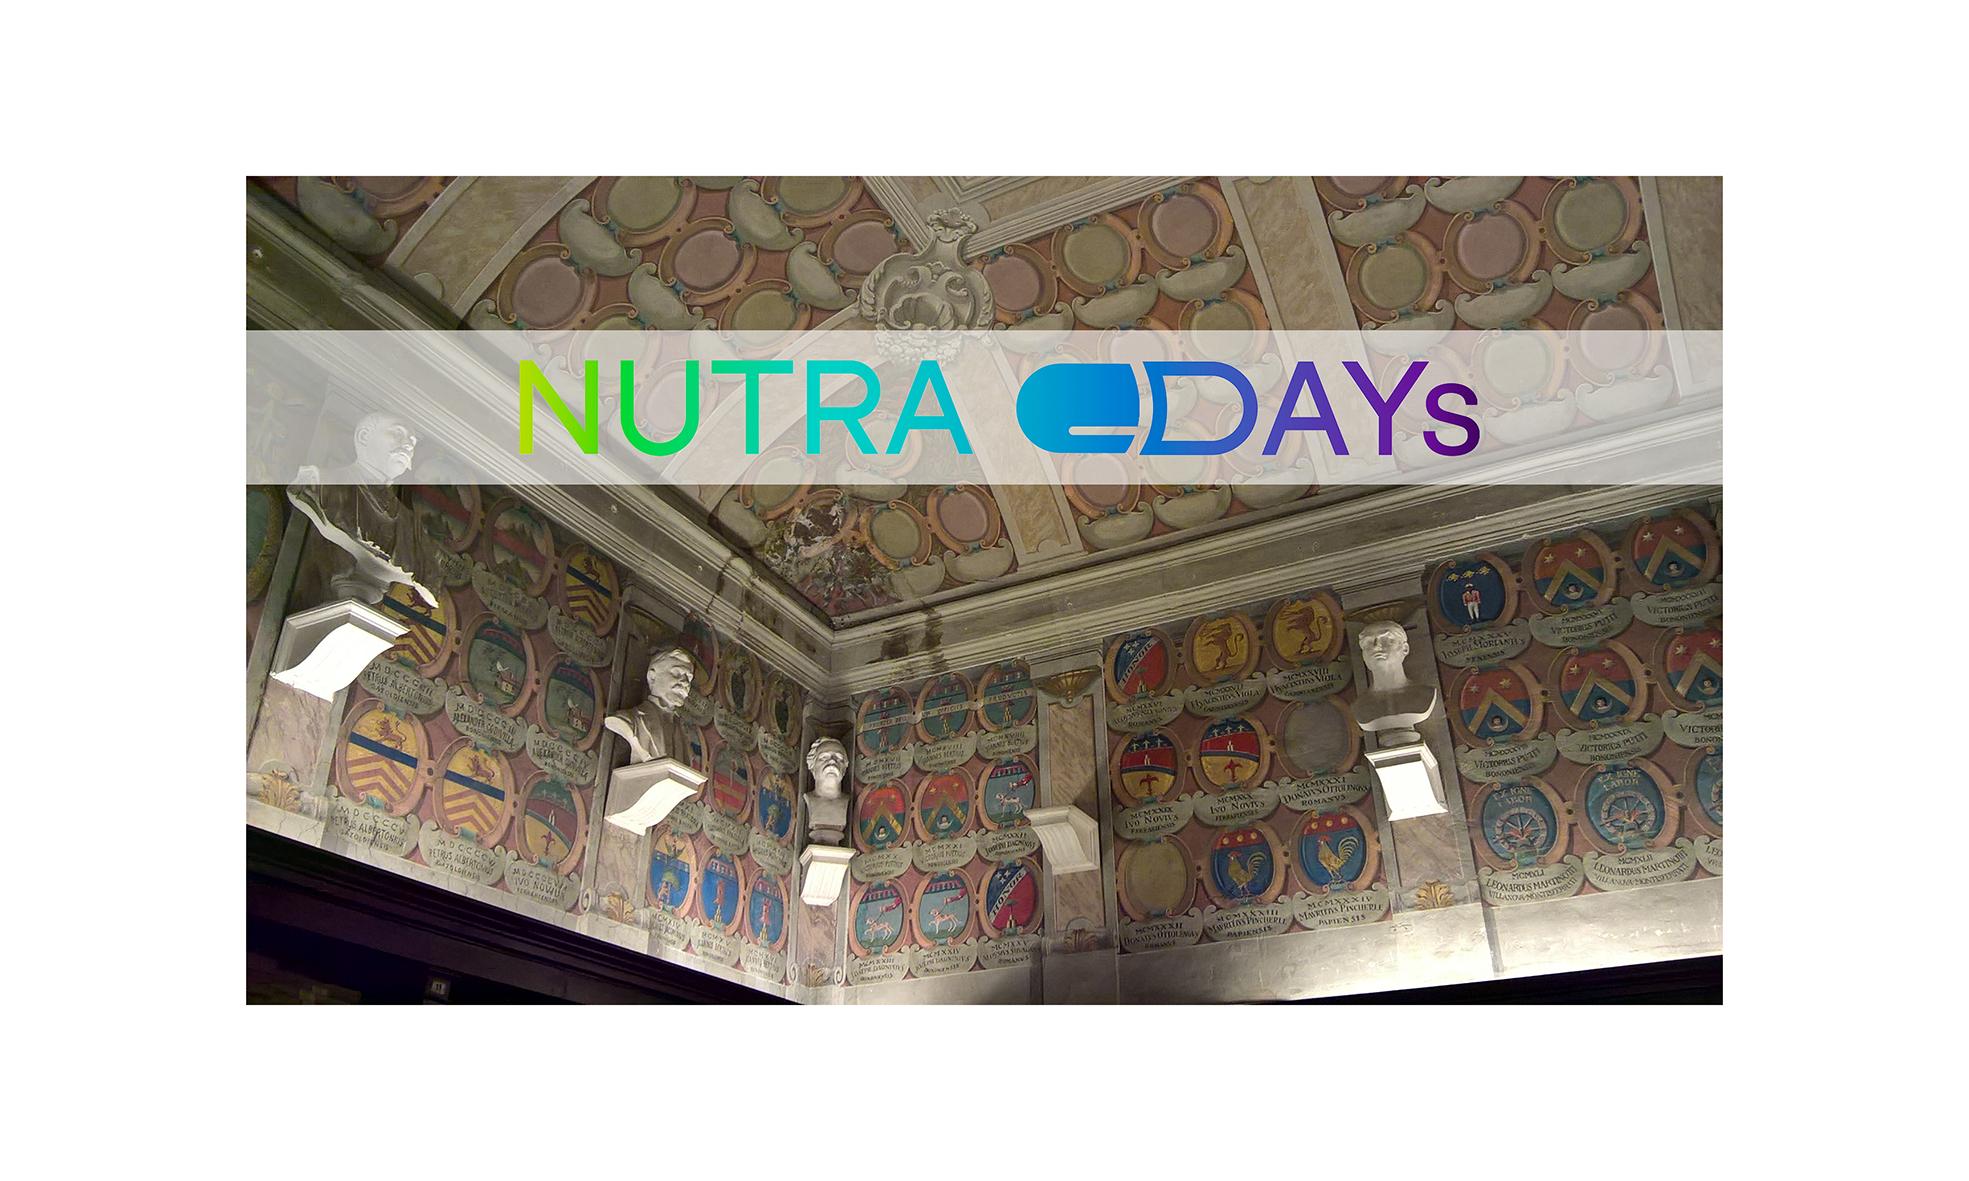 Nutradays Bologna